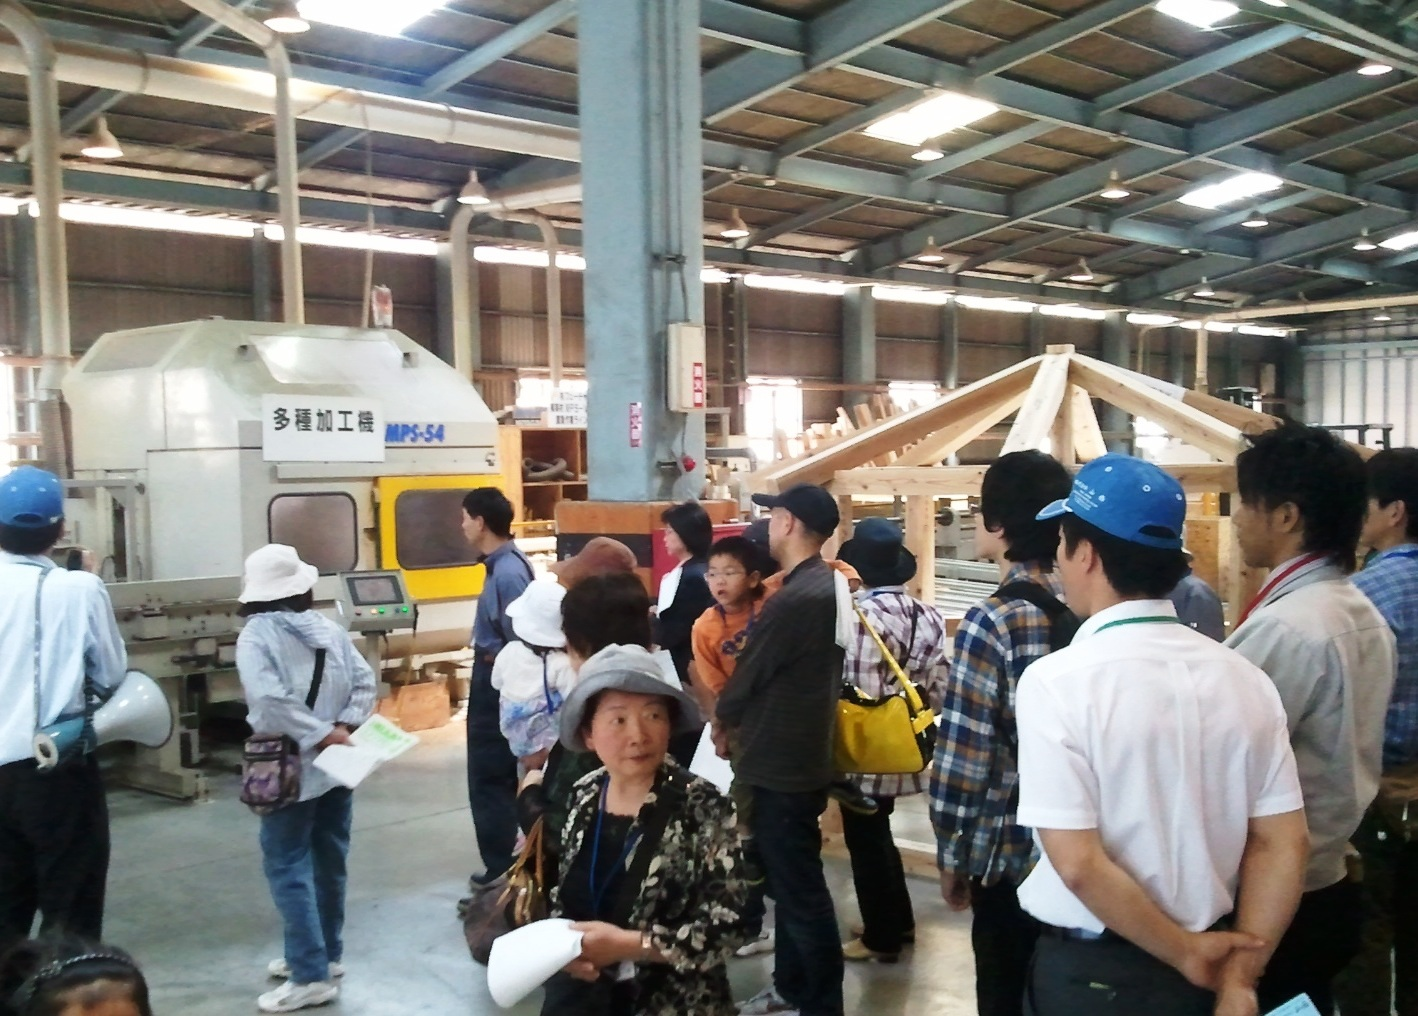 2012-05-19 10.15.31バスツアー.jpg